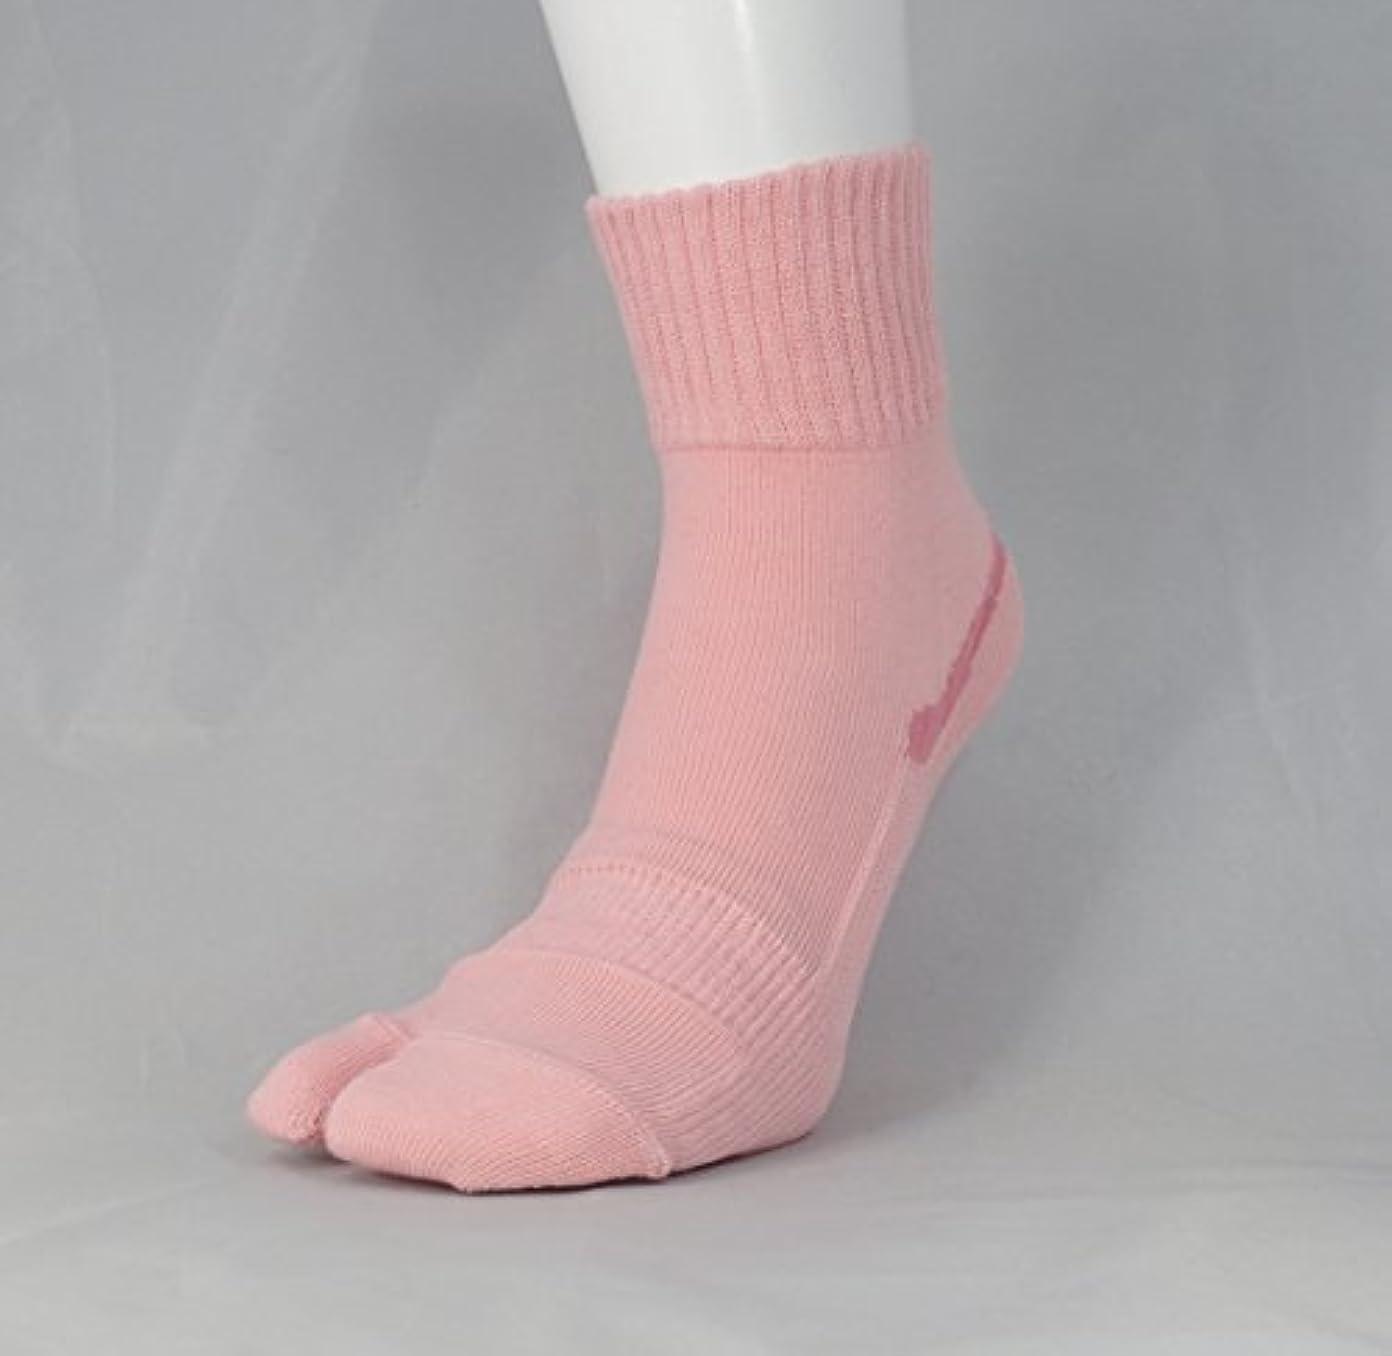 生まれ法医学お風呂【あしサポ】履くだけで足がラクにひらく靴下 外反母趾に (Mサイズ(23-24センチ), ピンク)